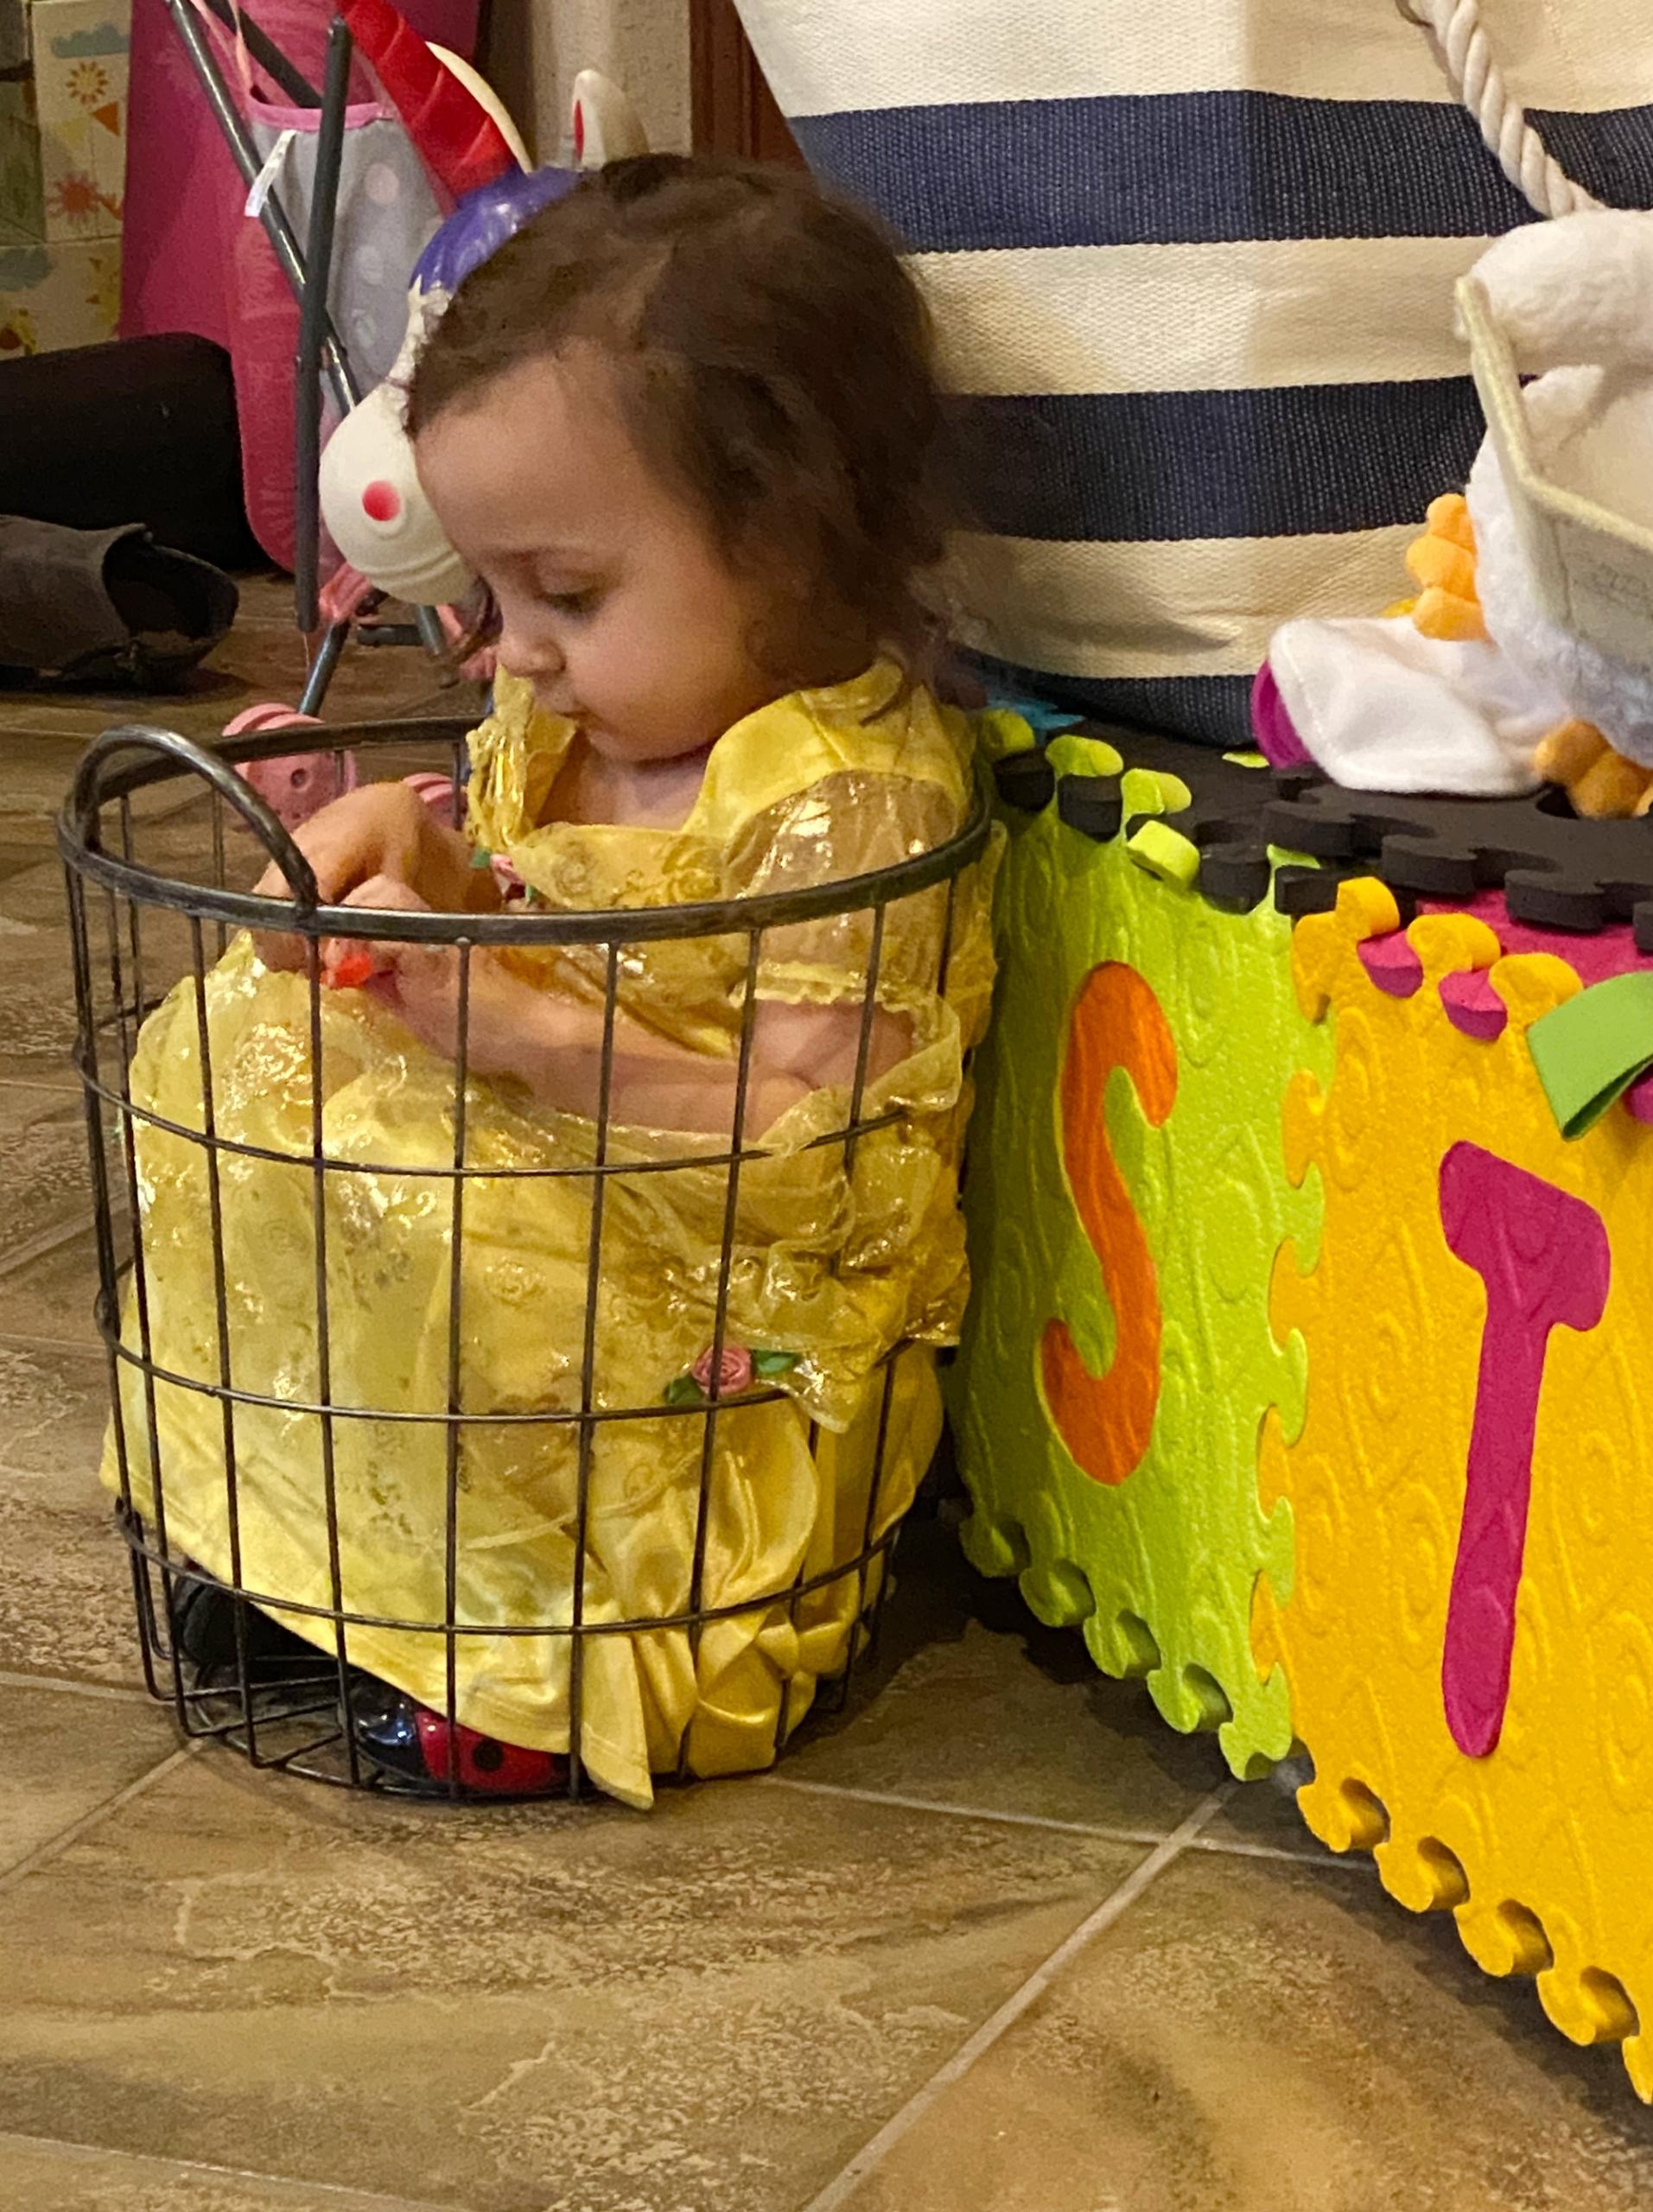 Granddaughter in waste basket